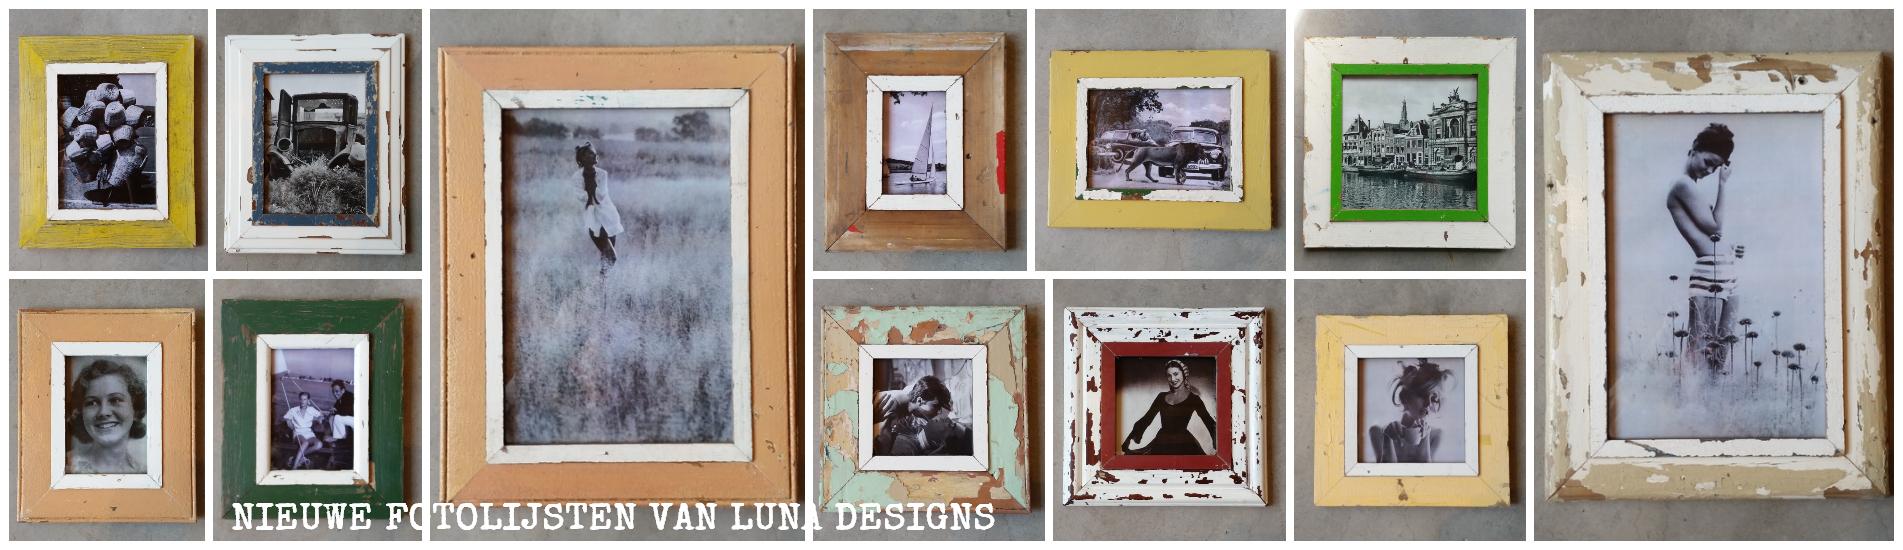 Banner-luna-designs